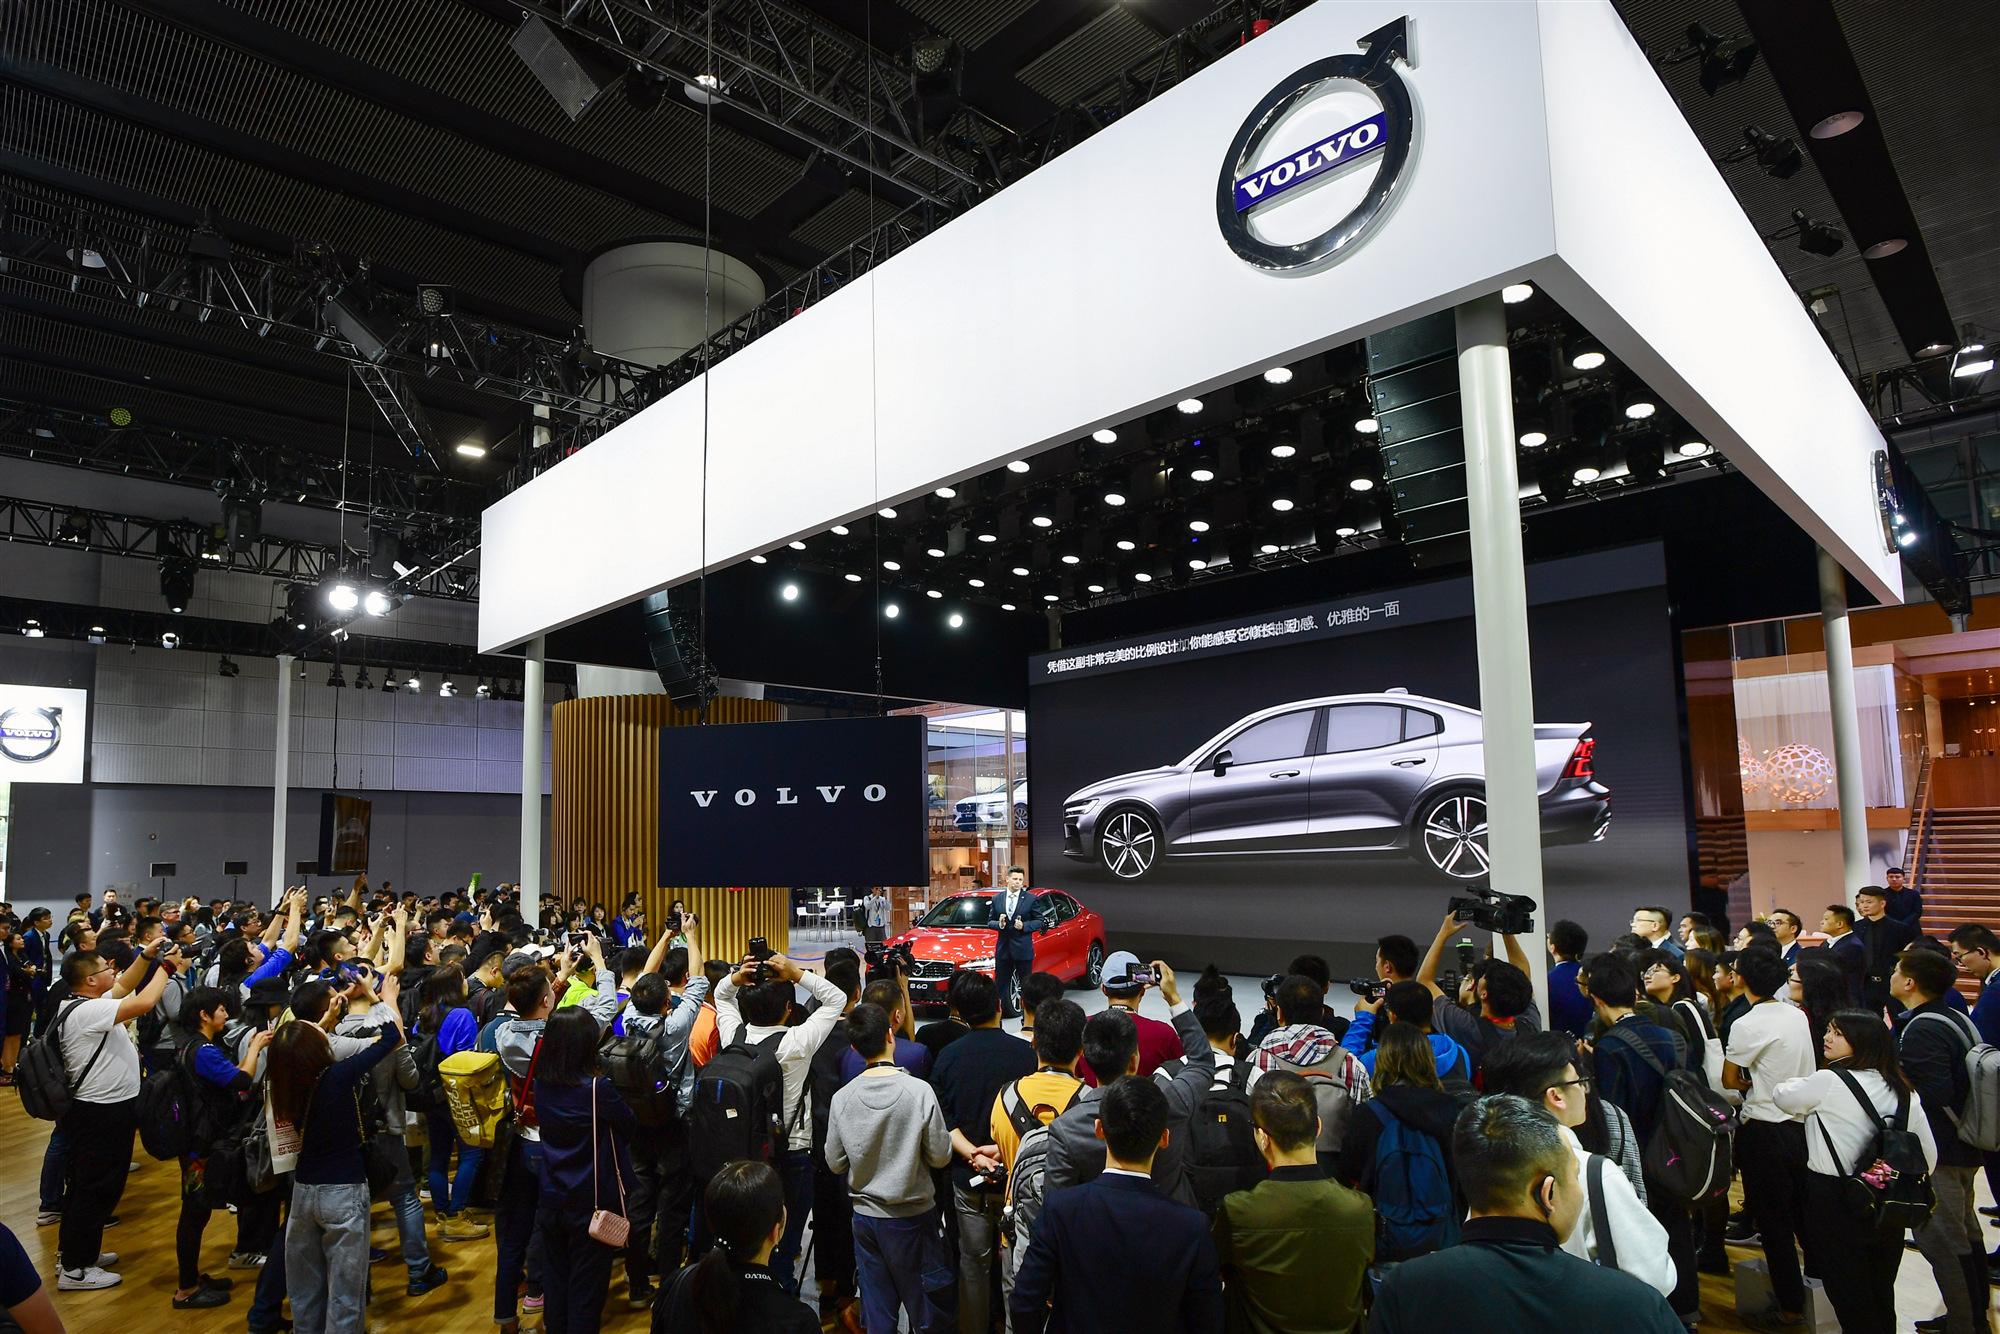 02_2019广州国际车展沃尔沃汽车新闻发布会现场